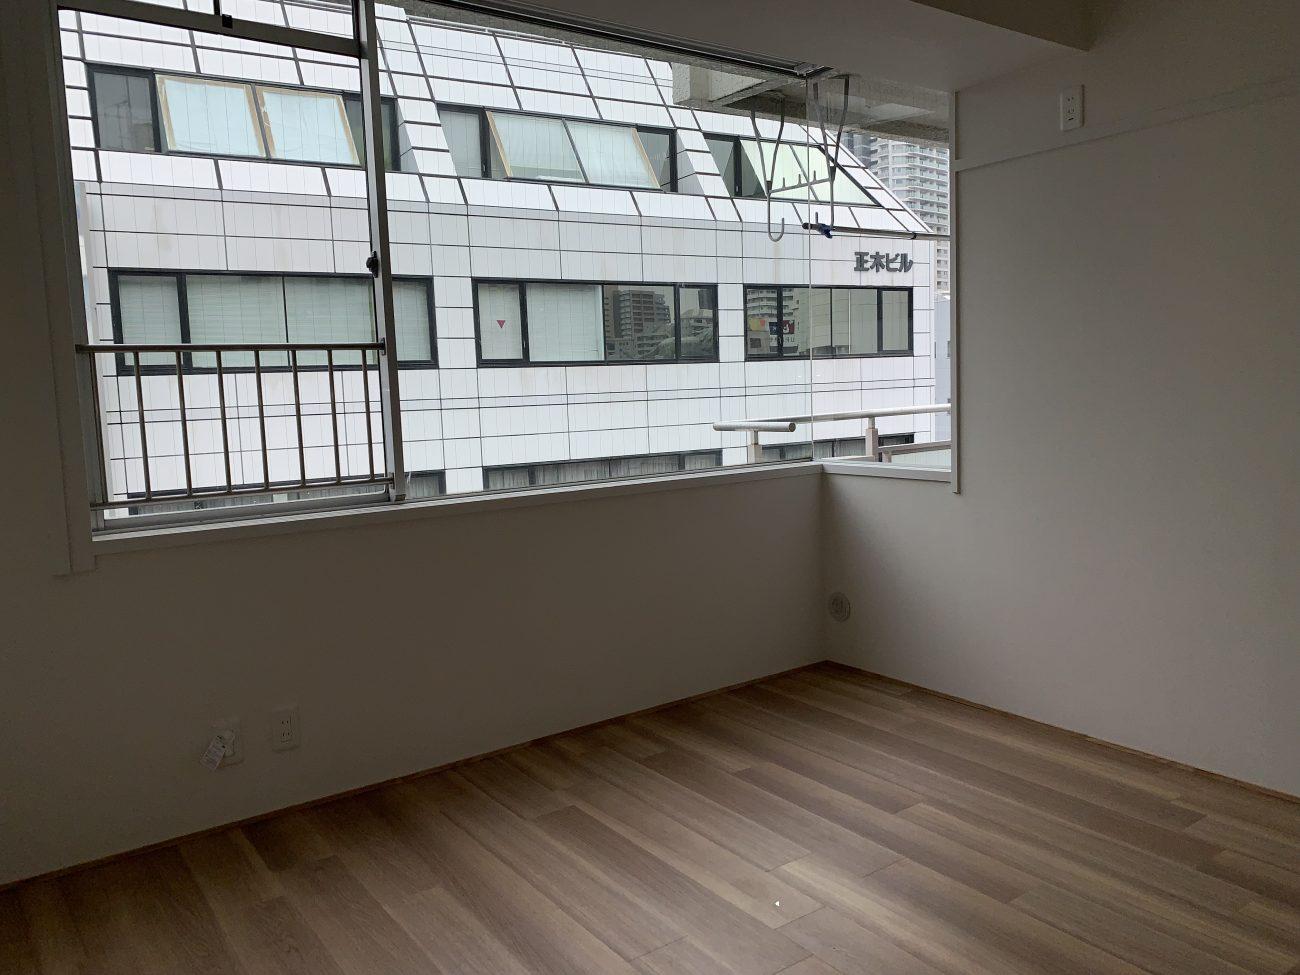 グレイッシュカラーが際立つ、ゆったり部屋【川口駅・賃料UP・空室解消リノベーション事例】の画像